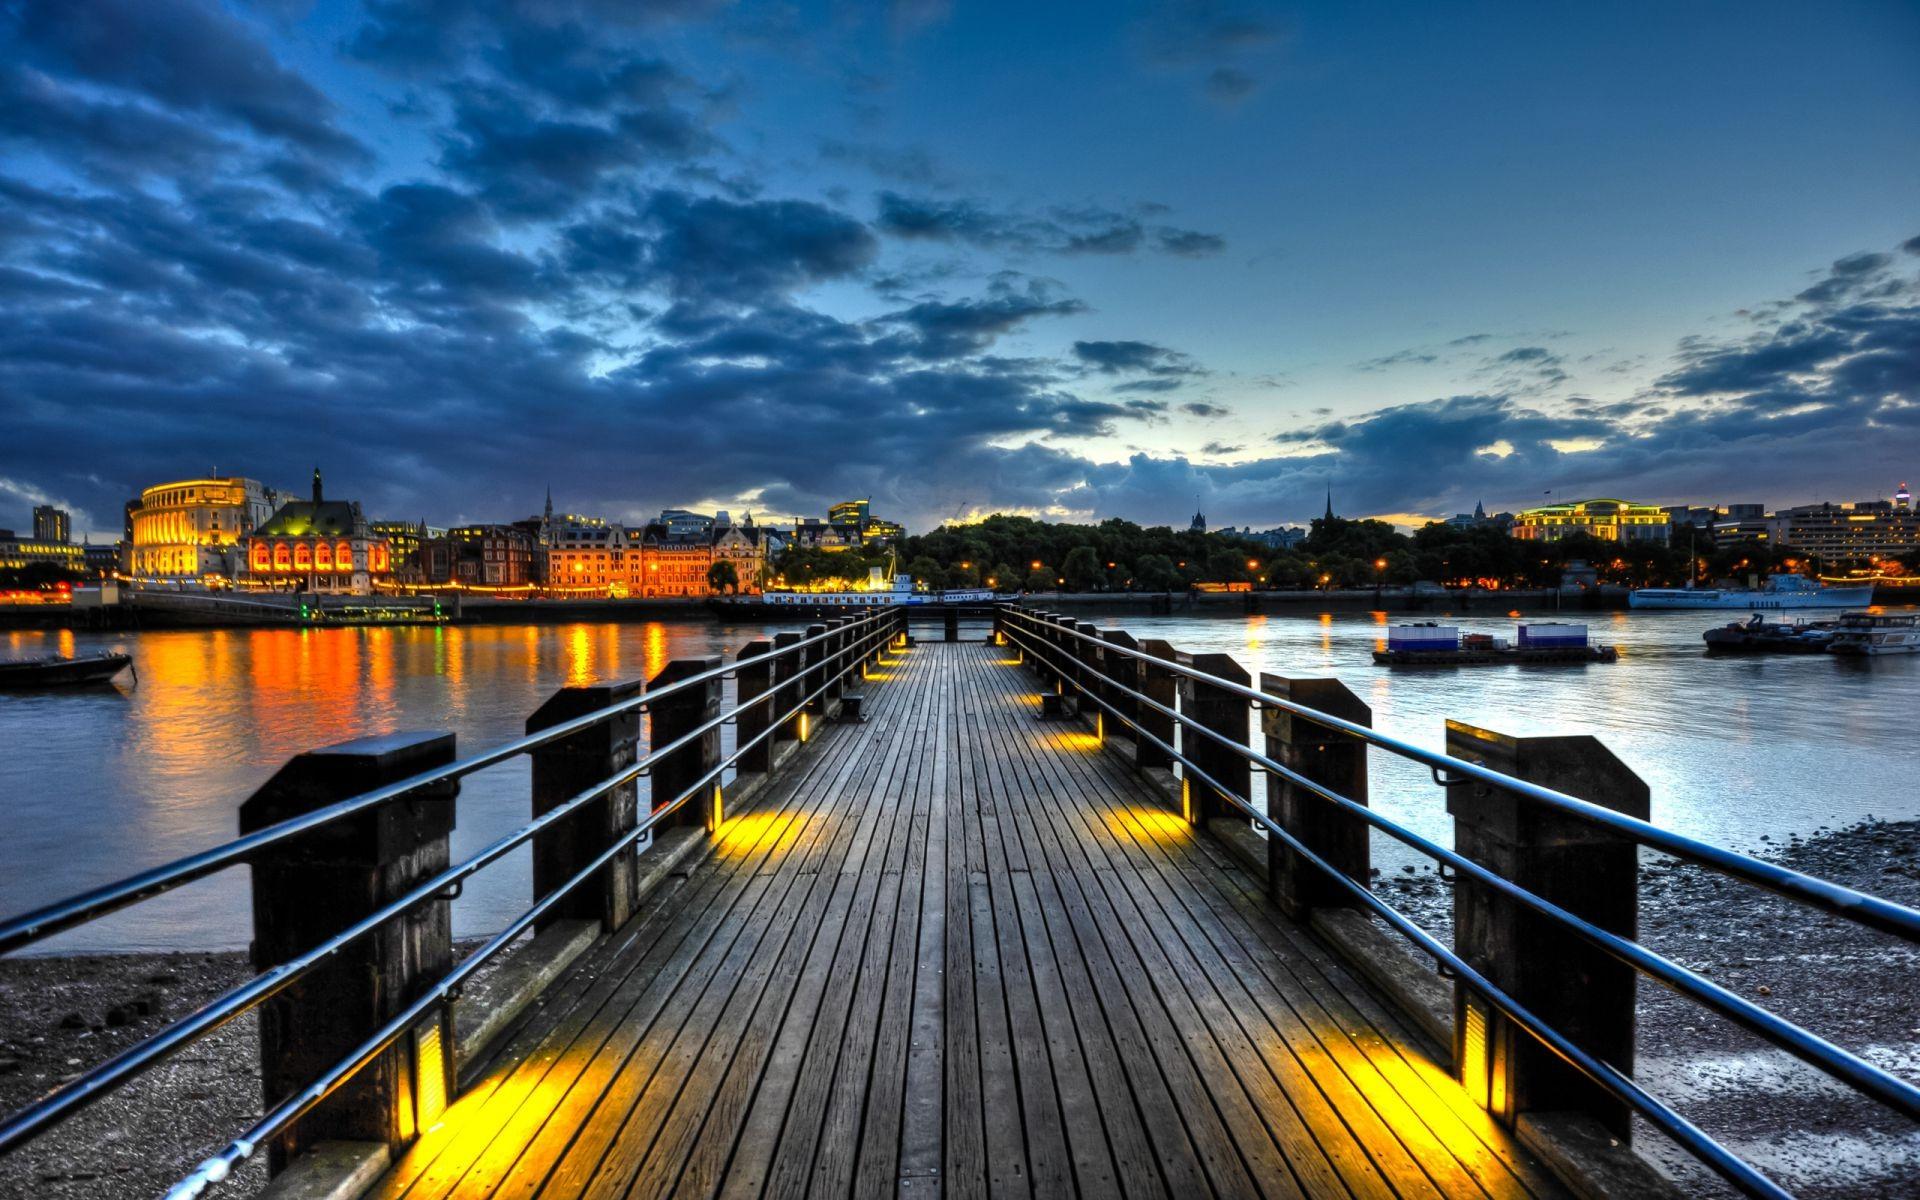 Мост река сумерки  № 3030591 бесплатно